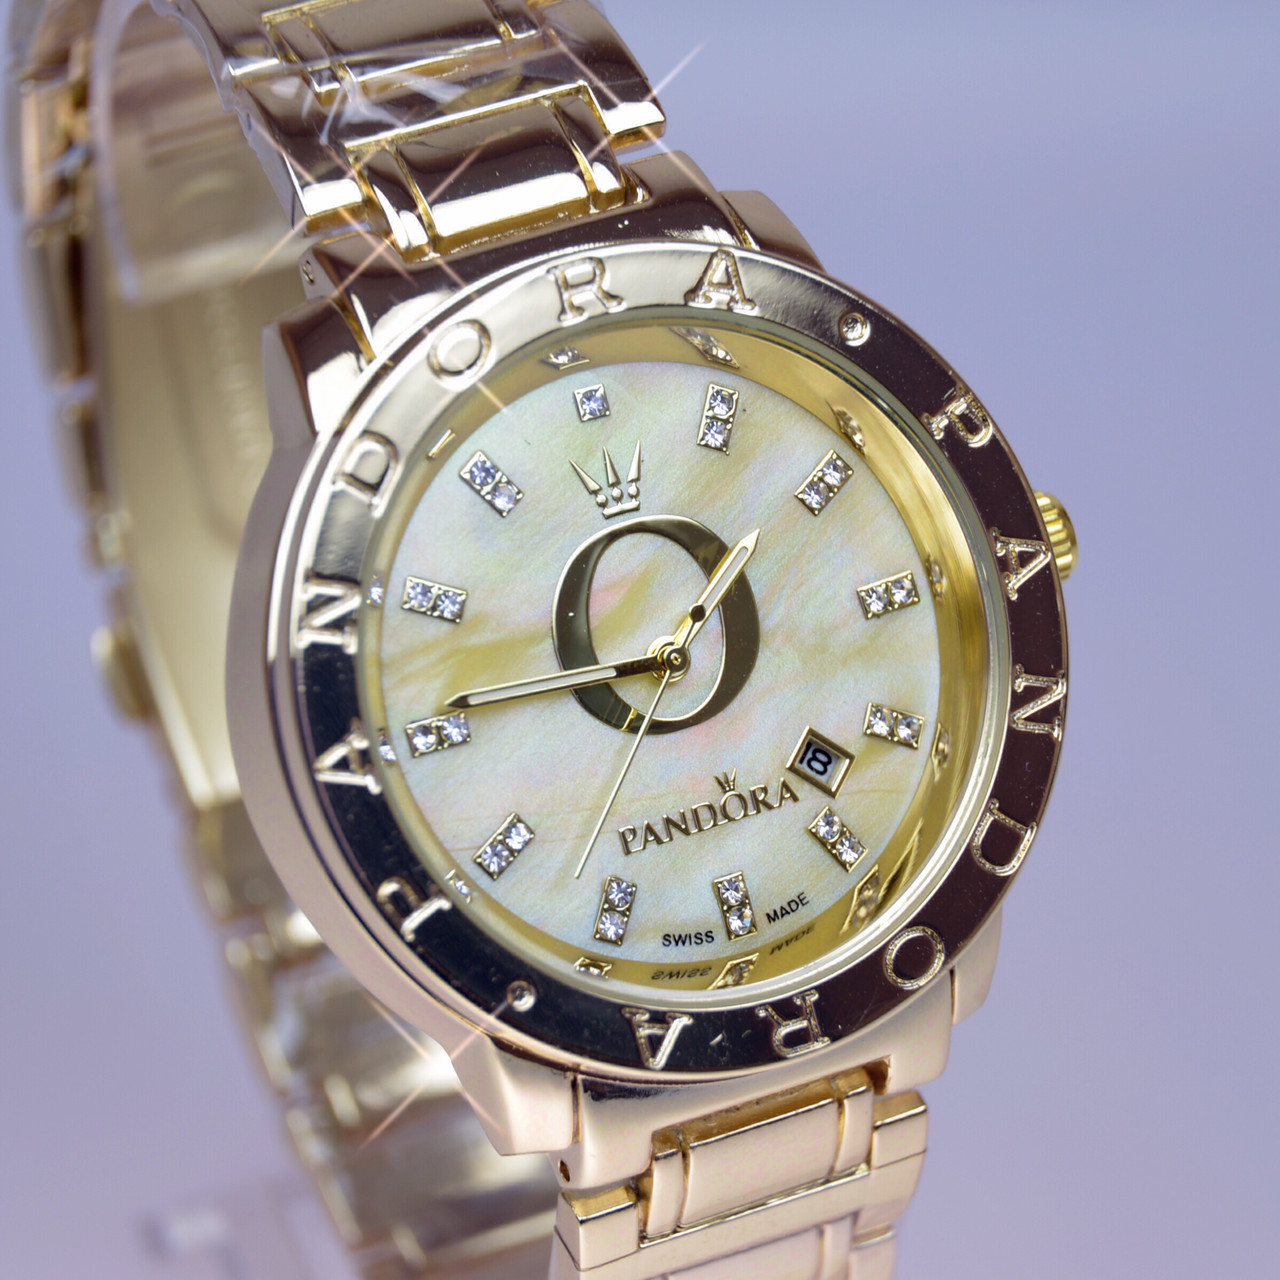 c53d22978ffa Женские наручные часы PANDORA (Пандора) B34 Gold перламутр   продажа ...